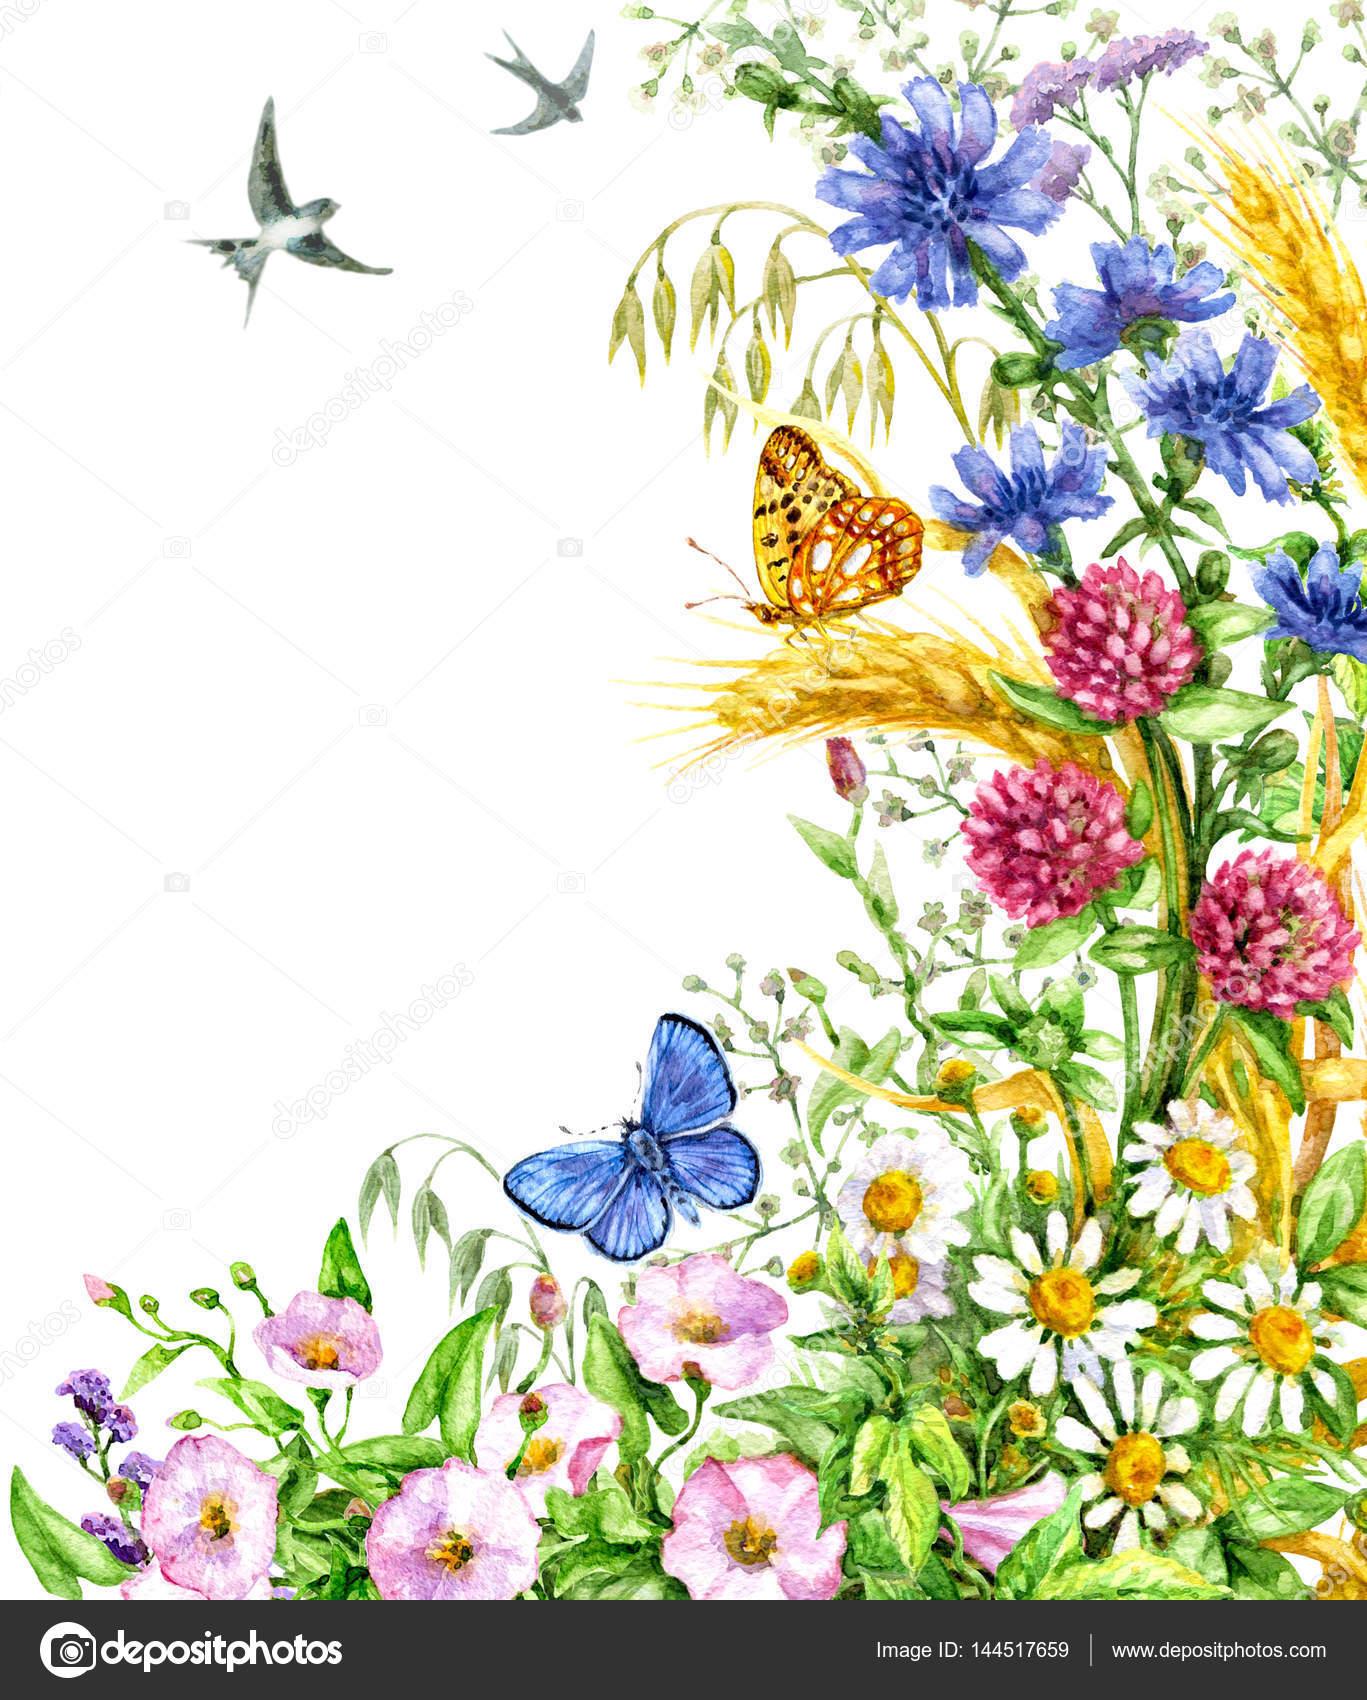 Zijde decoratie met wilde bloemen en vlinders stockfoto for Bloemen decoratie